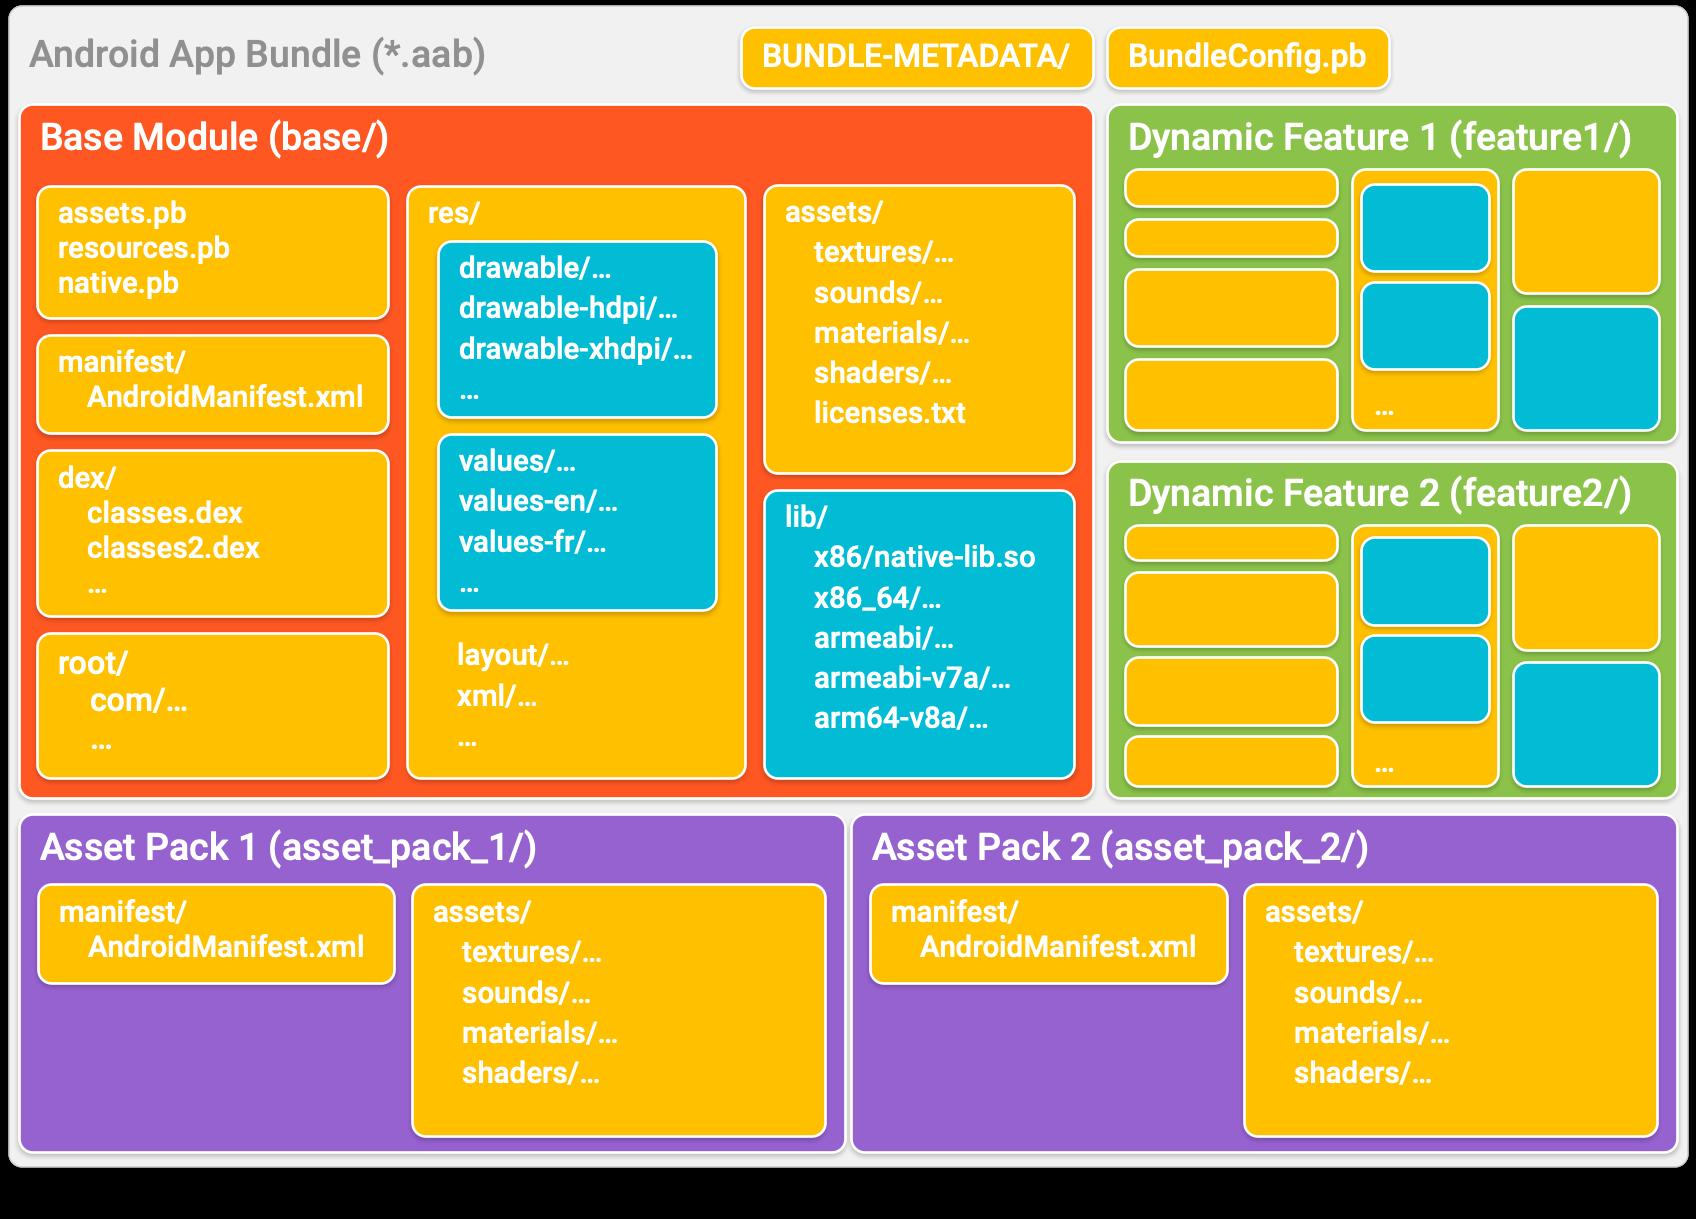 Los paquetes de aplicaciones organizan tu app en directorios y cada directorio representa un módulo. Dentro de cada directorio de módulo, el código y los recursos se organizan de manera similar al contenido de un APK típico.